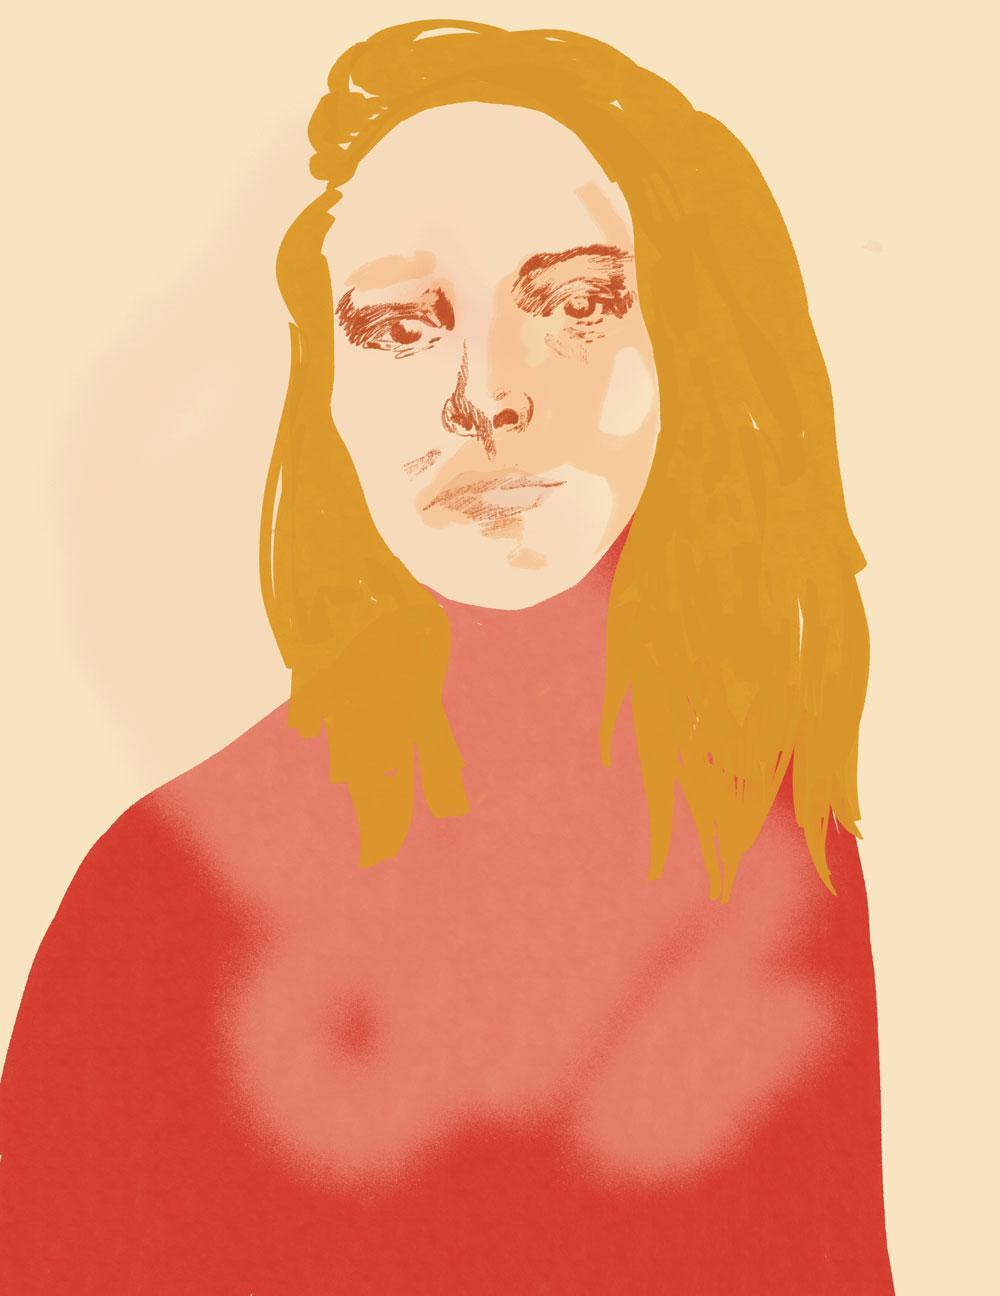 Alejandra Martínez. Illustration by Ruby Sgueglia